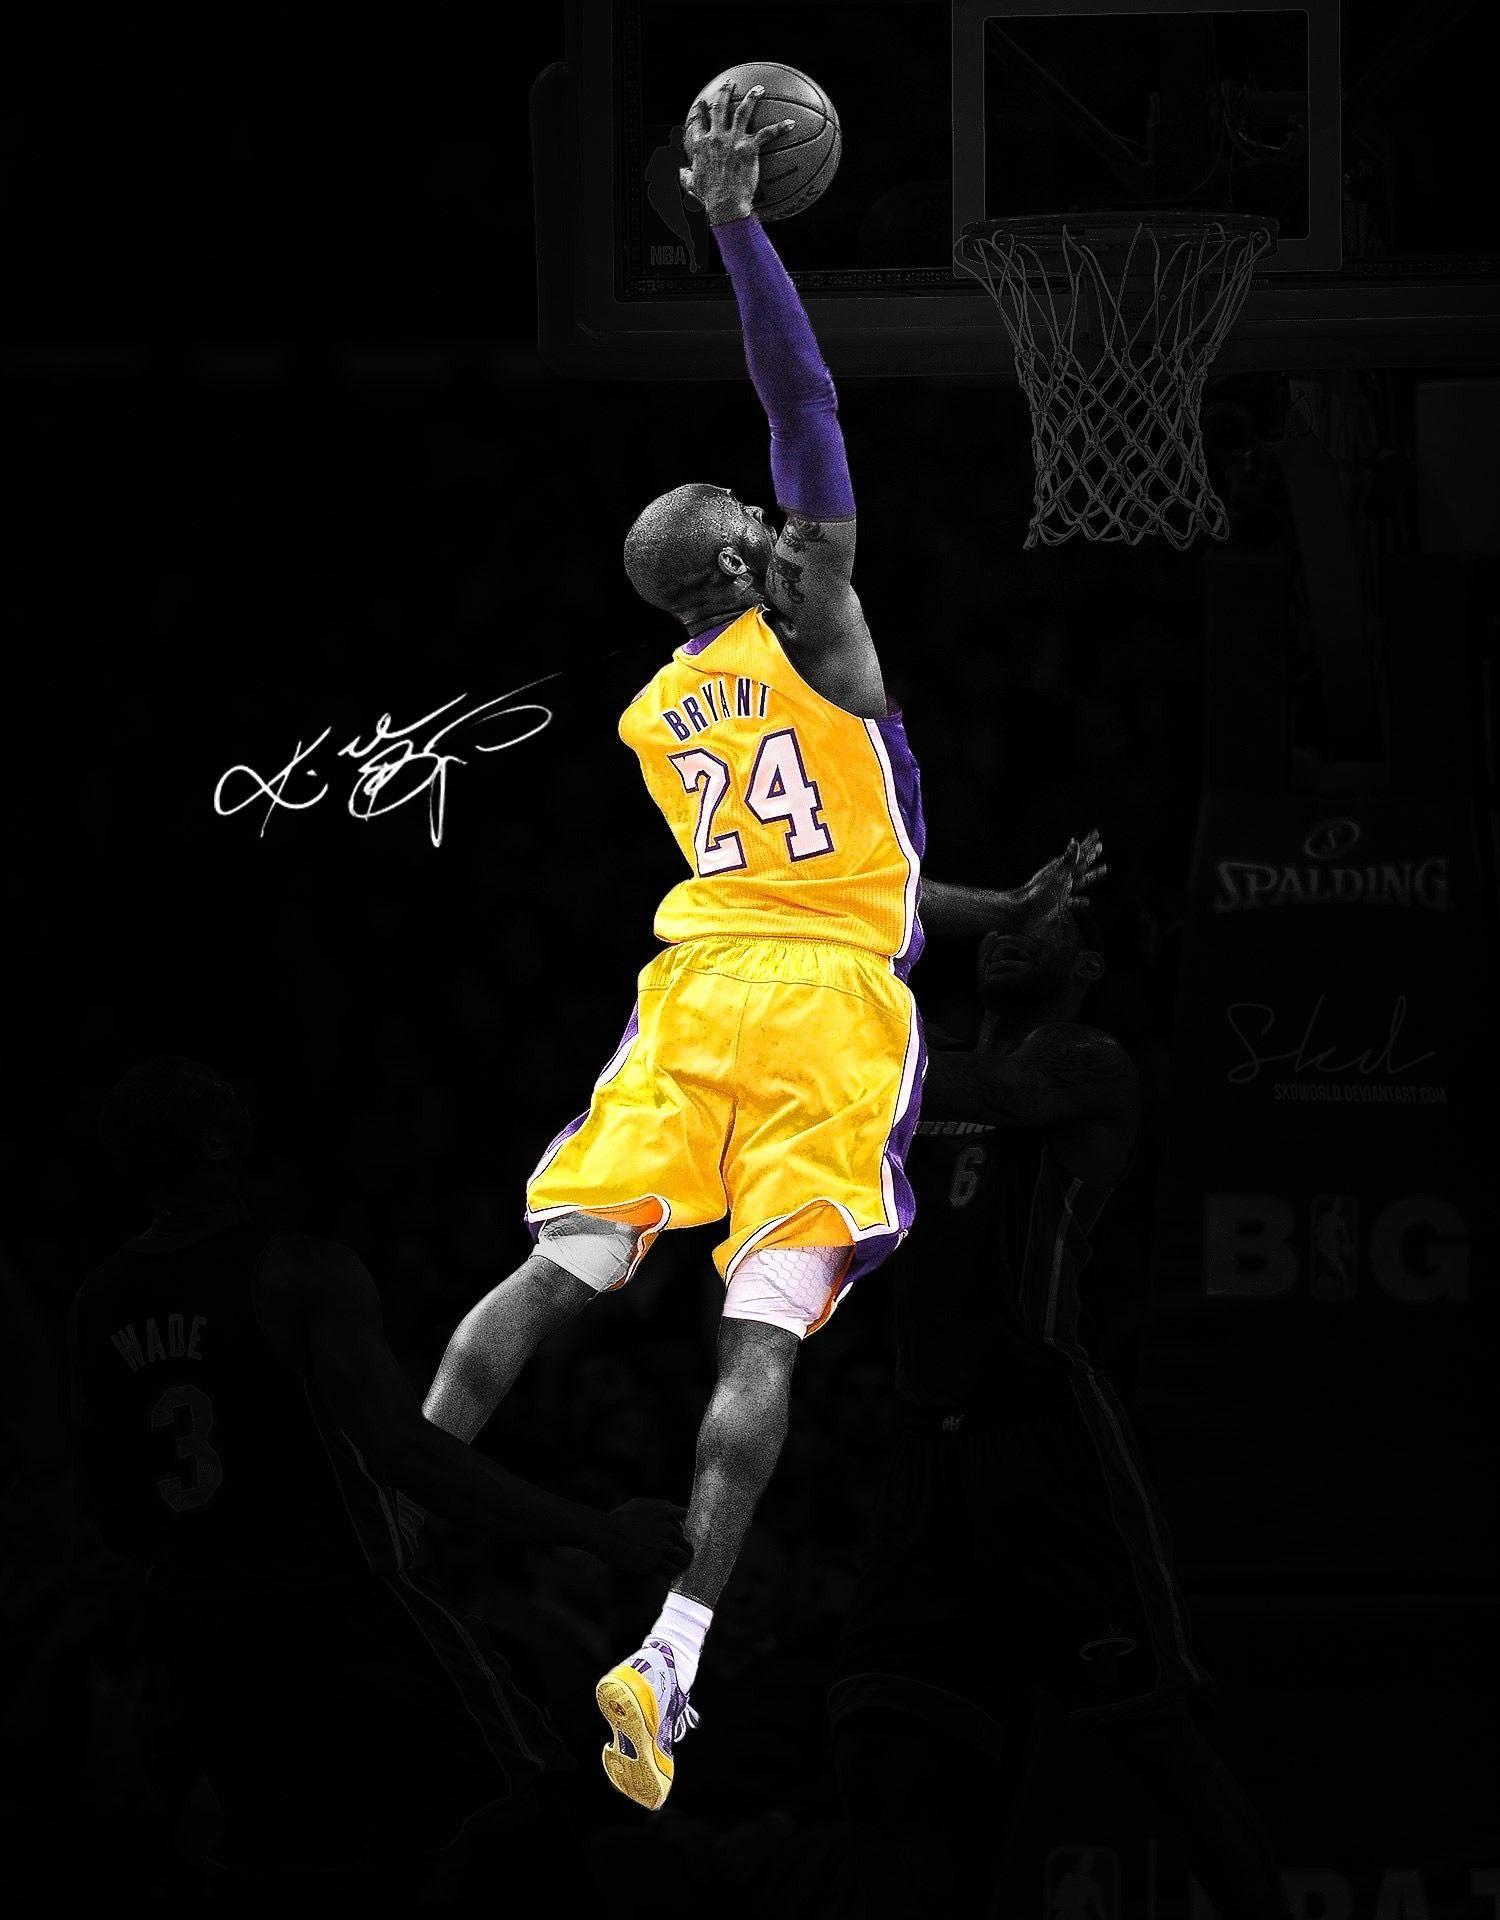 Pin By Brianna On Kobe Bryant In 2020 Kobe Bryant Poster Kobe